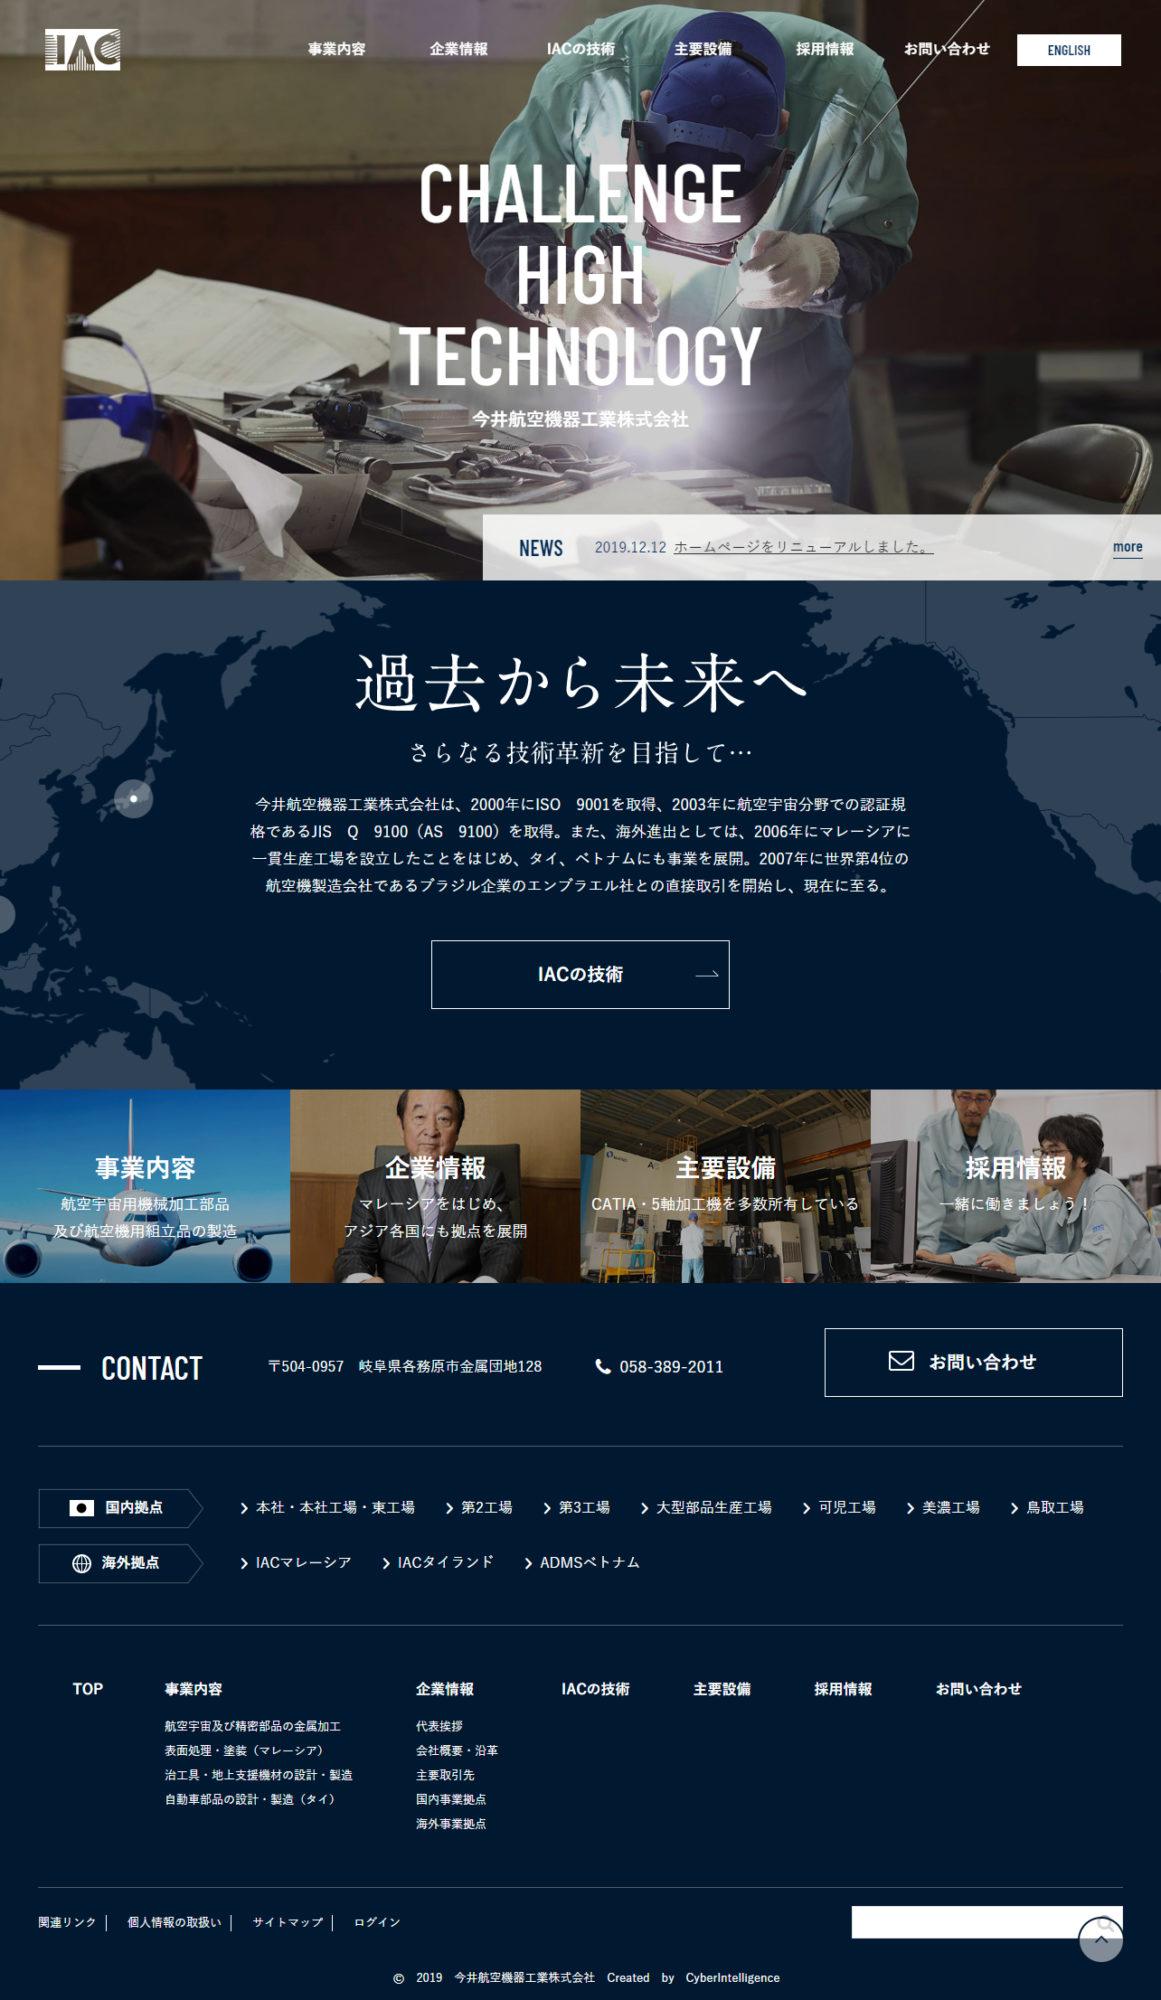 今井航空機器株式会社